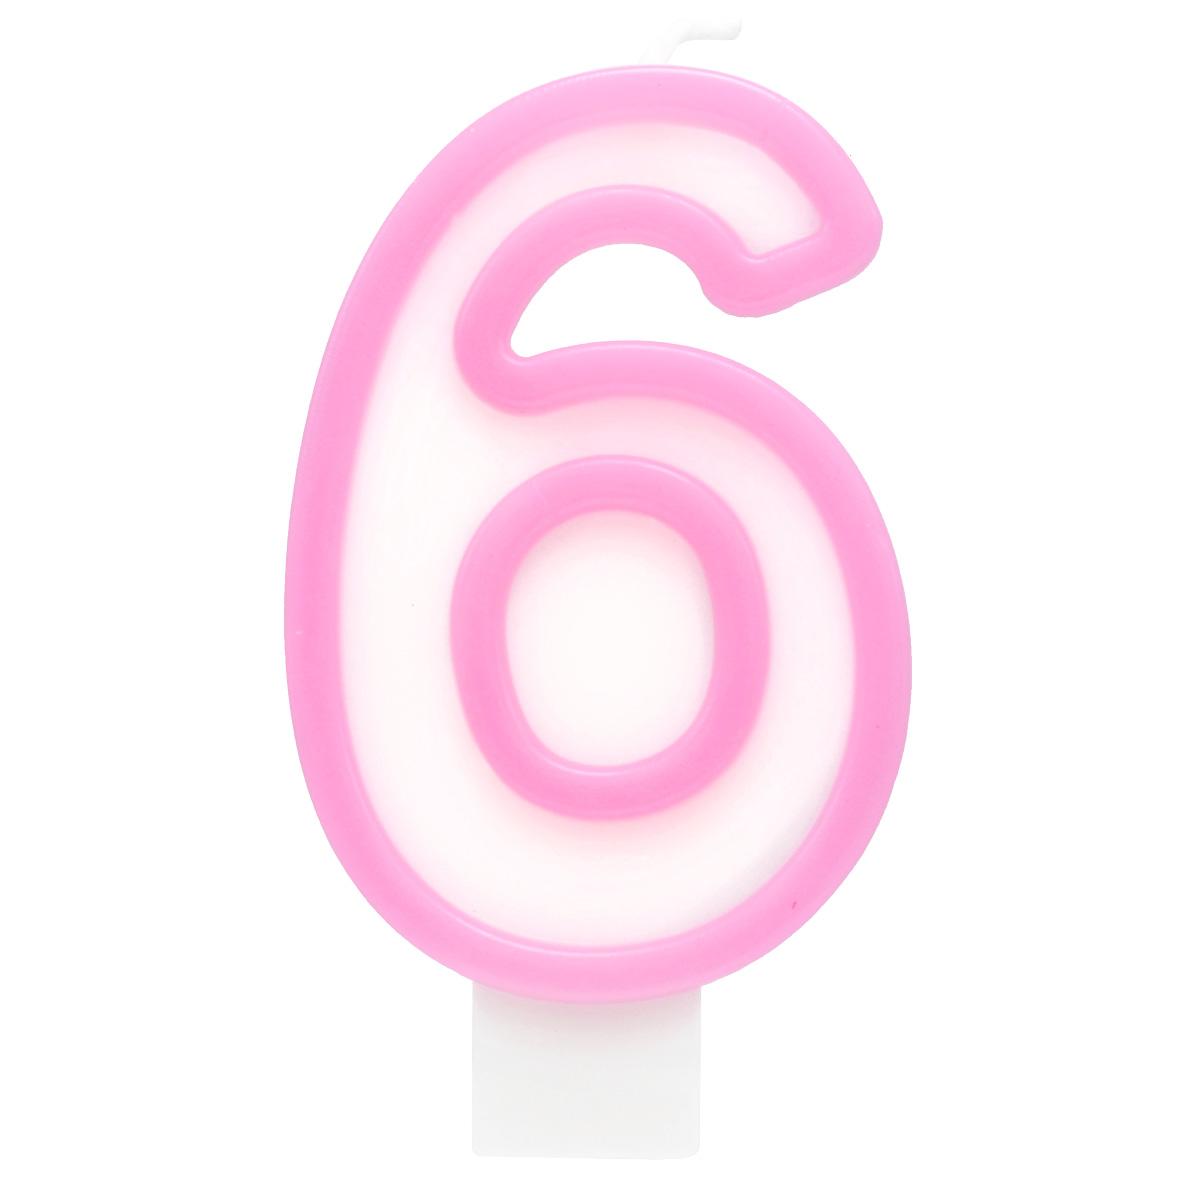 Action! Свеча-цифра для торта 6 лет цвет розовый susy card свеча цифра для торта радужная 6 лет